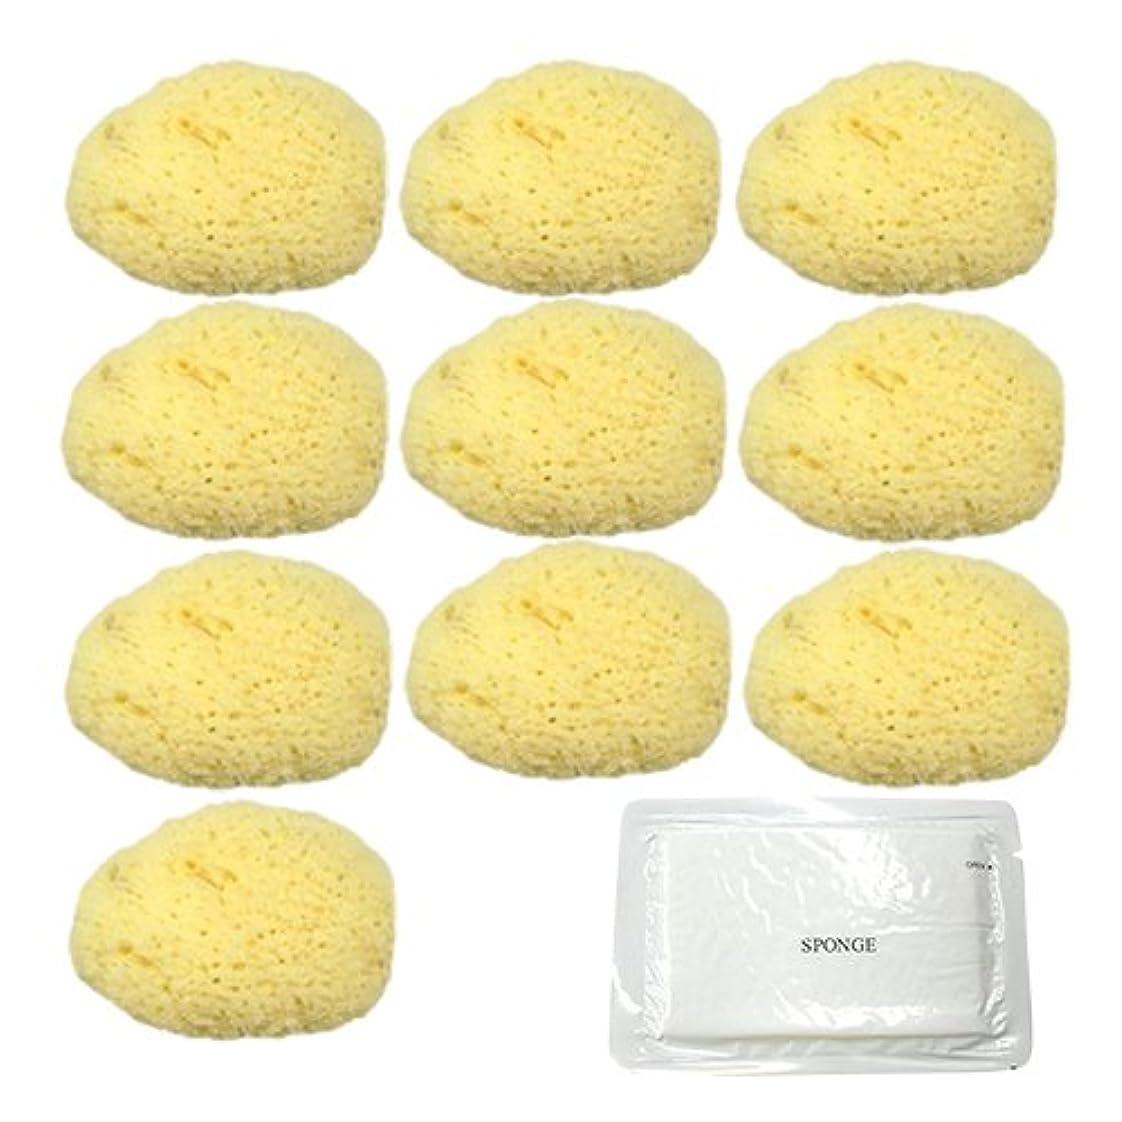 驚統計雰囲気ユタカ 天然海綿スポンジ(フェイススポンジ) 大 × 10個 + 圧縮スポンジセット